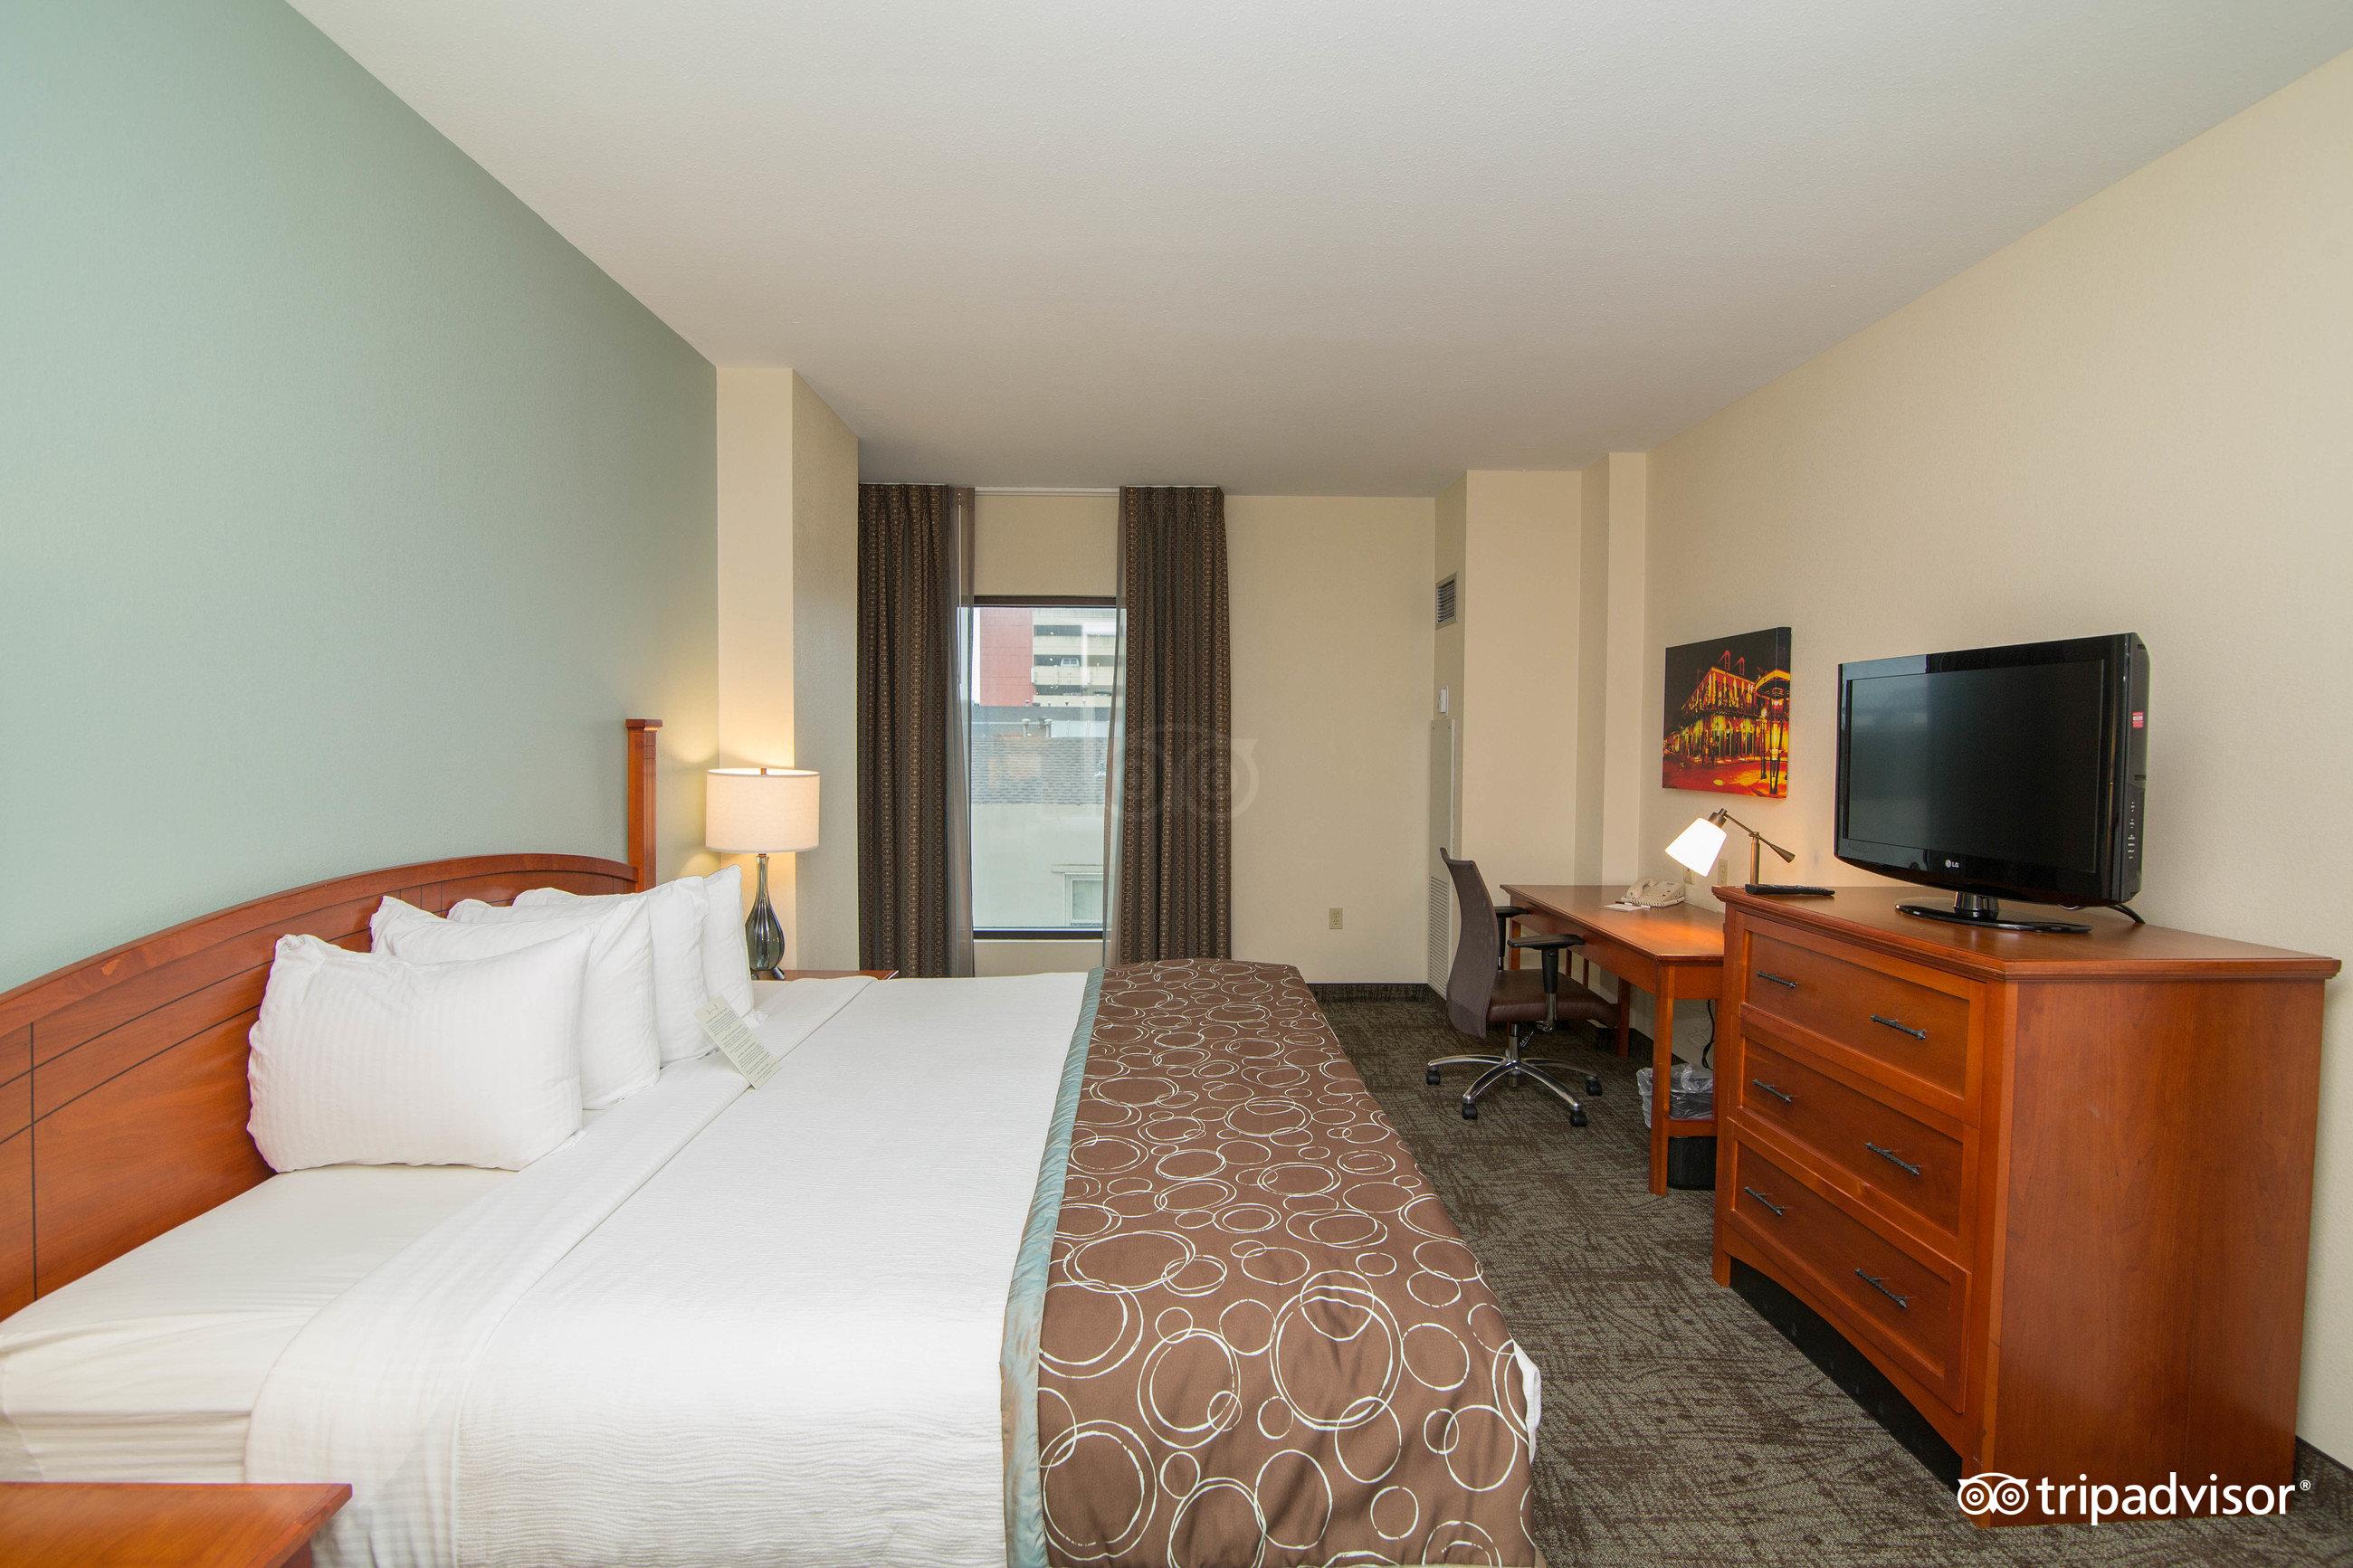 staybridge suites new orleans la 2018 hotel review